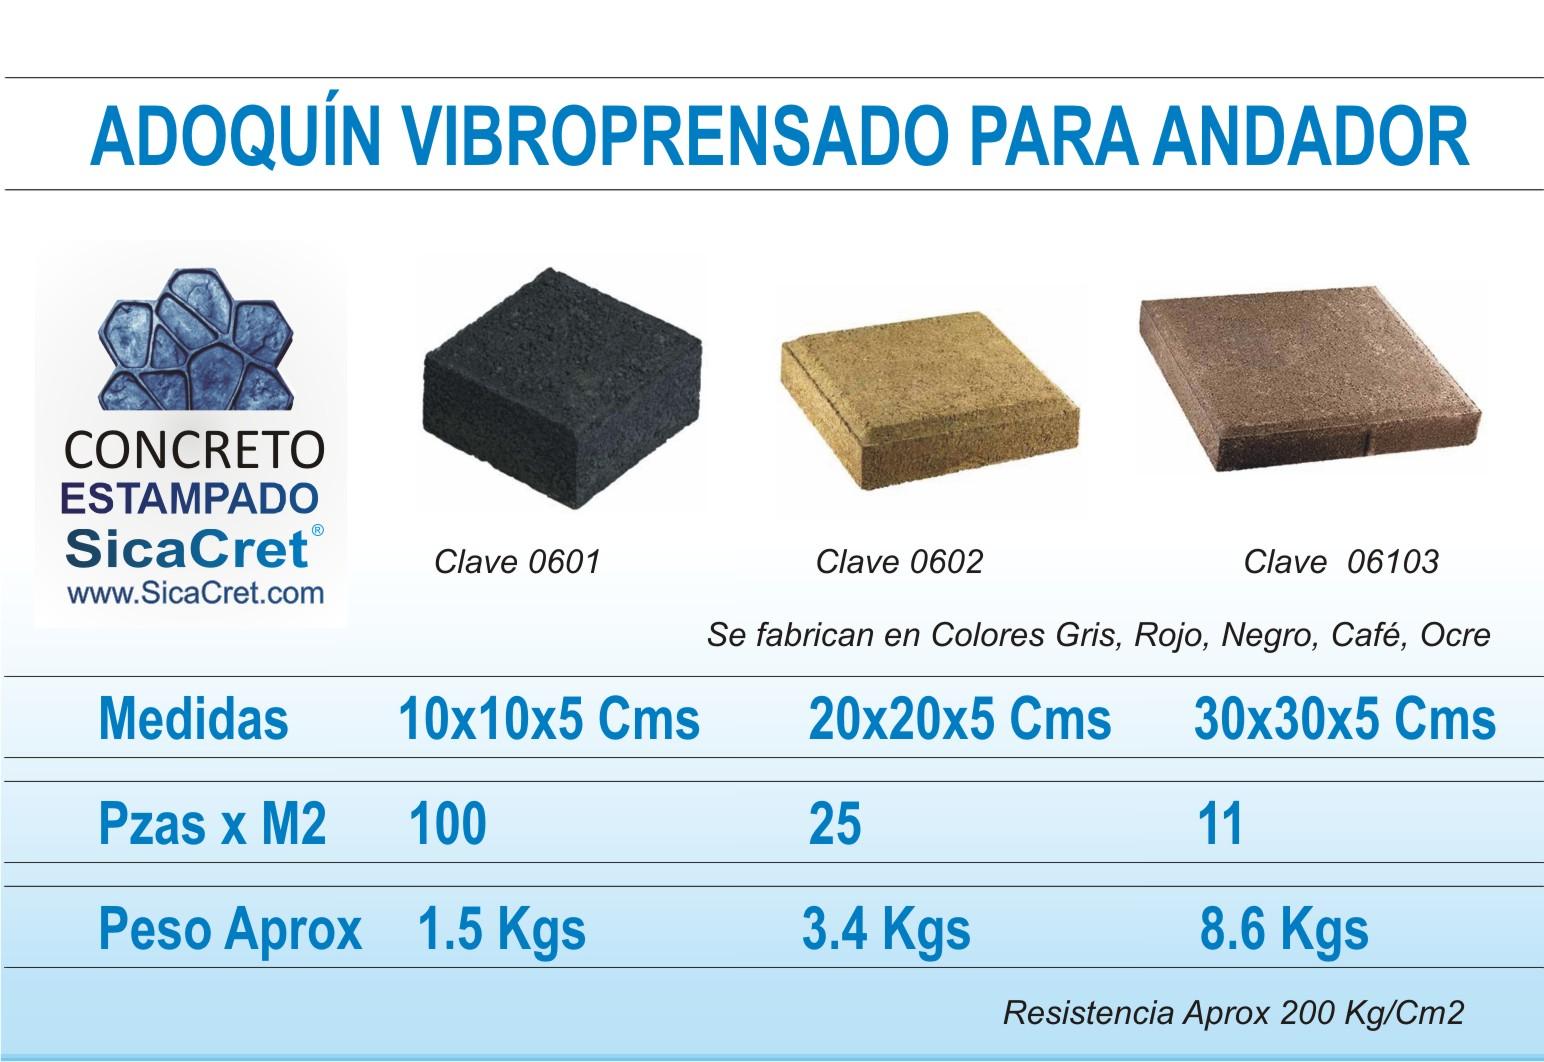 4 Catalogo De Adoquin Y Block En Toluca Lerma Metepec